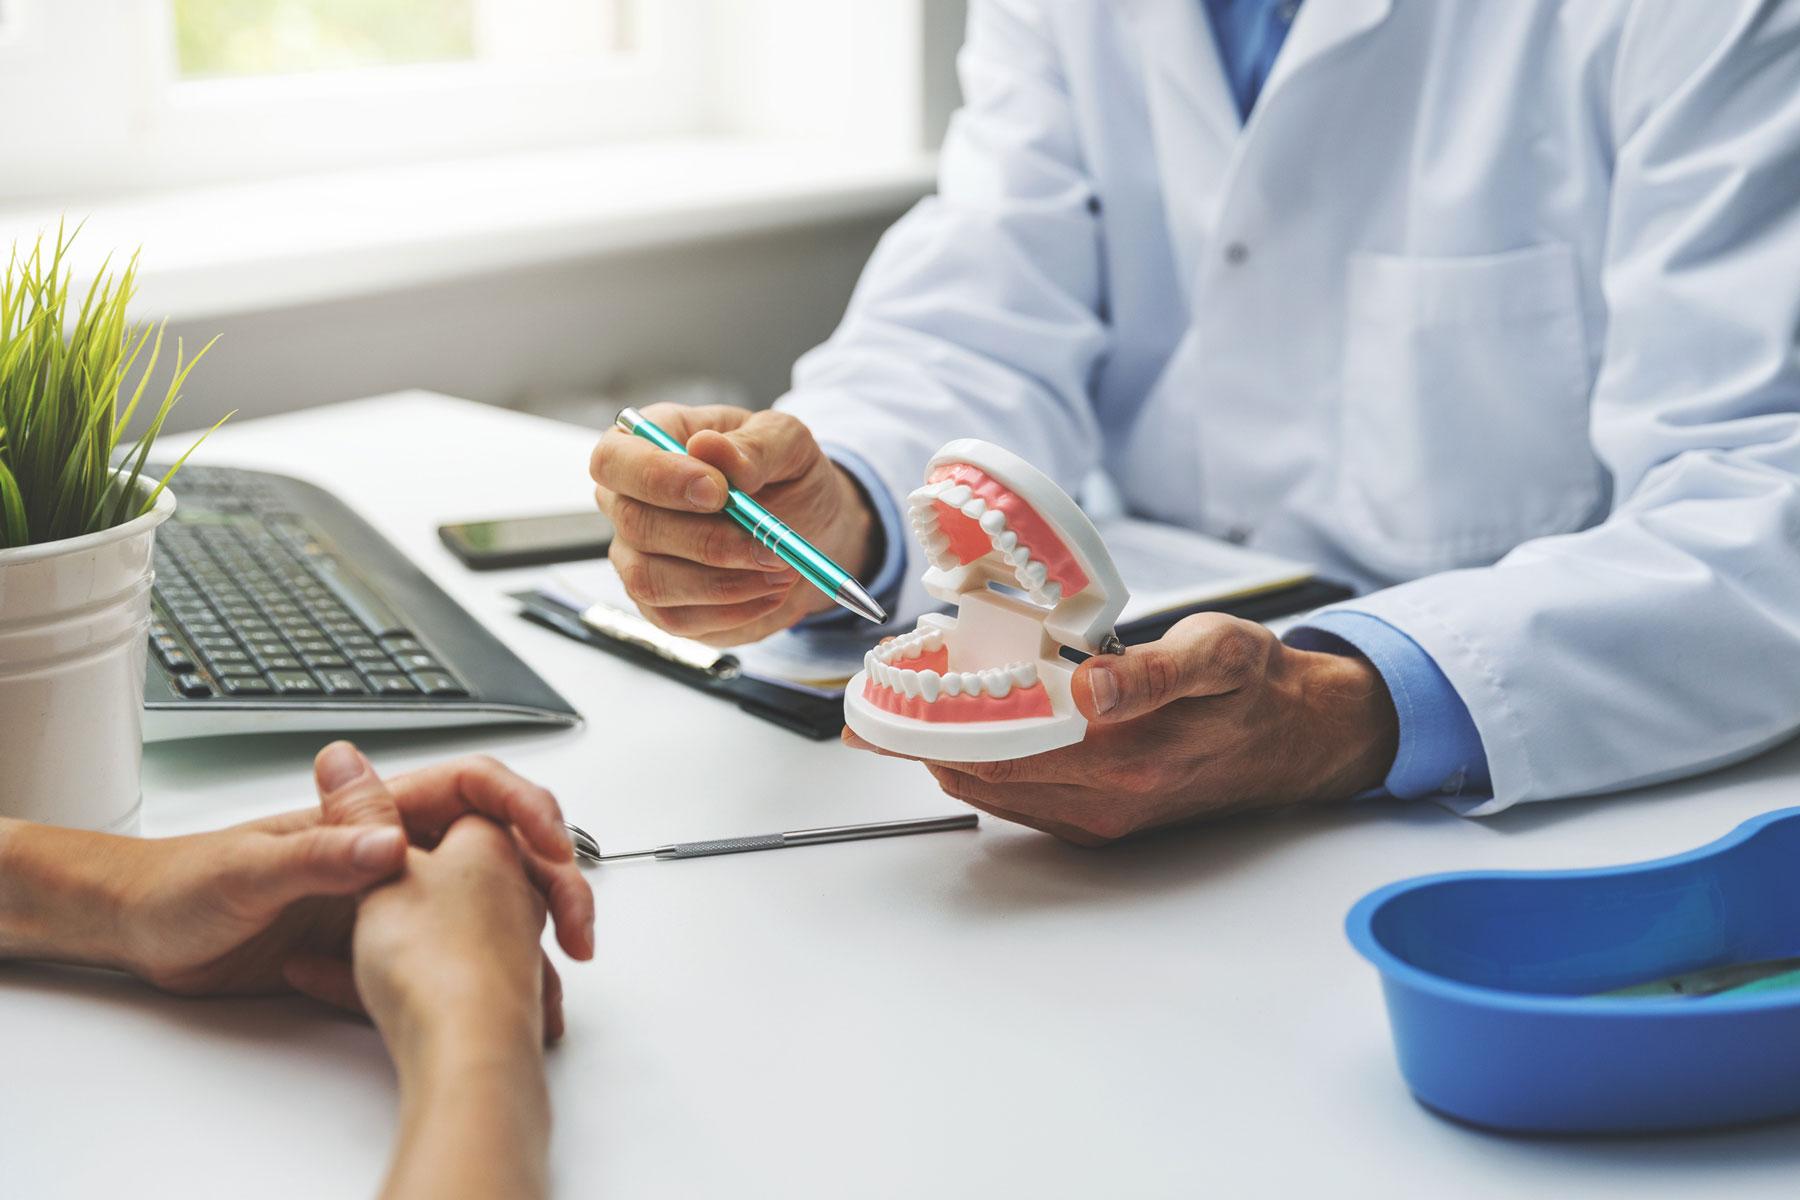 Prótesis Dental en Carabanchel, Prótesis Dental en Navalcarnero